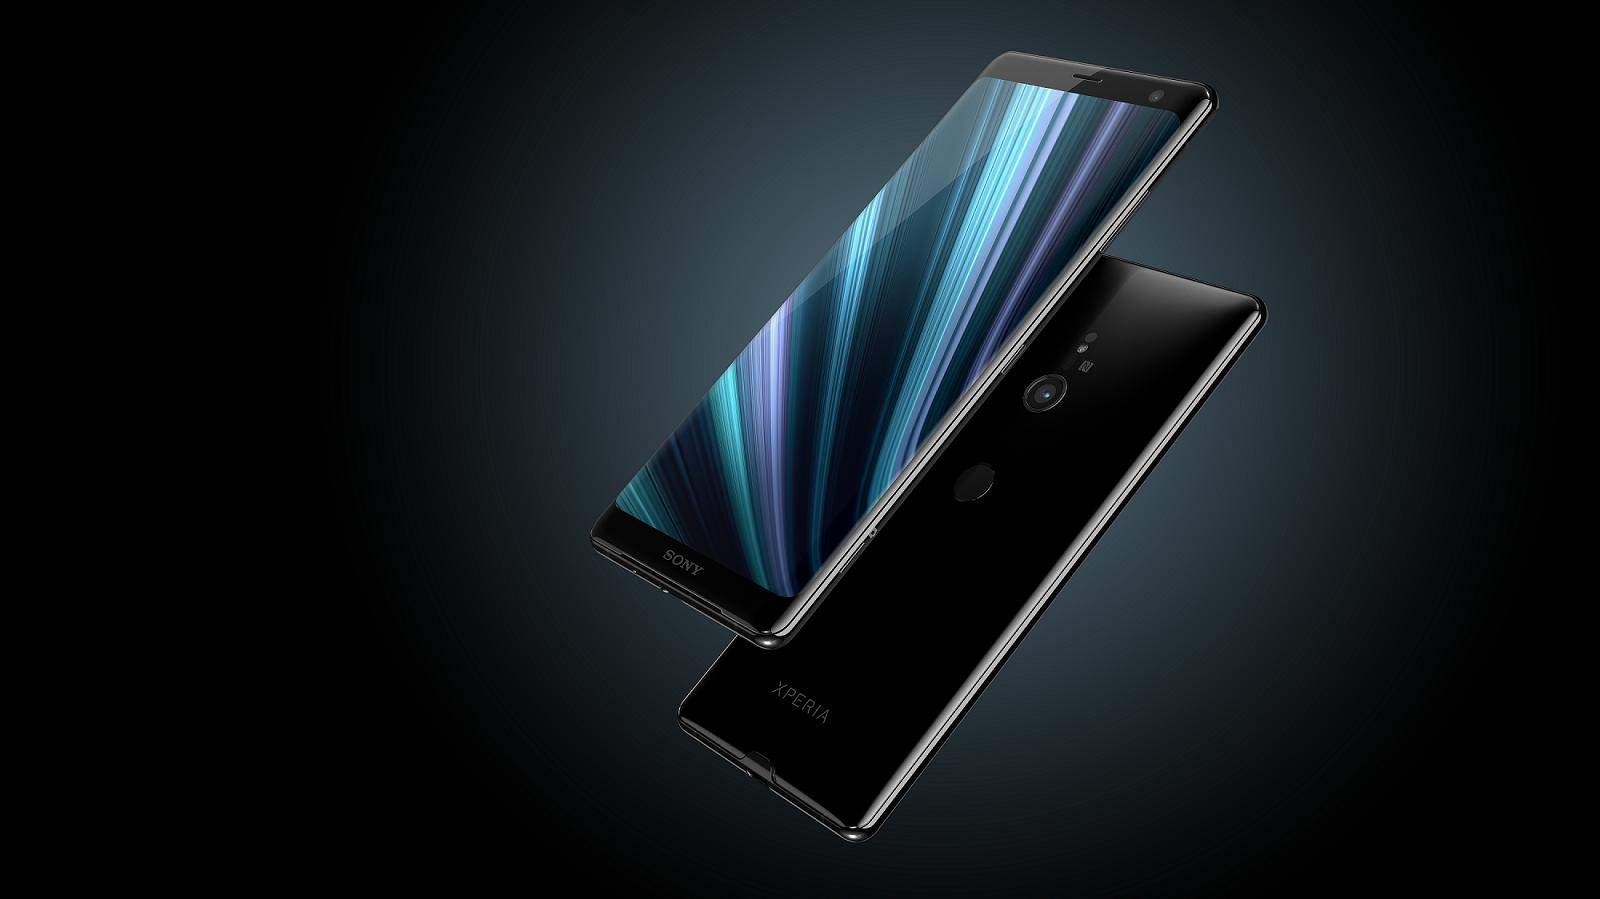 Zažijte dechberoucí HDR OLED s novou Xperií XZ3 [sponzorovaný článek]